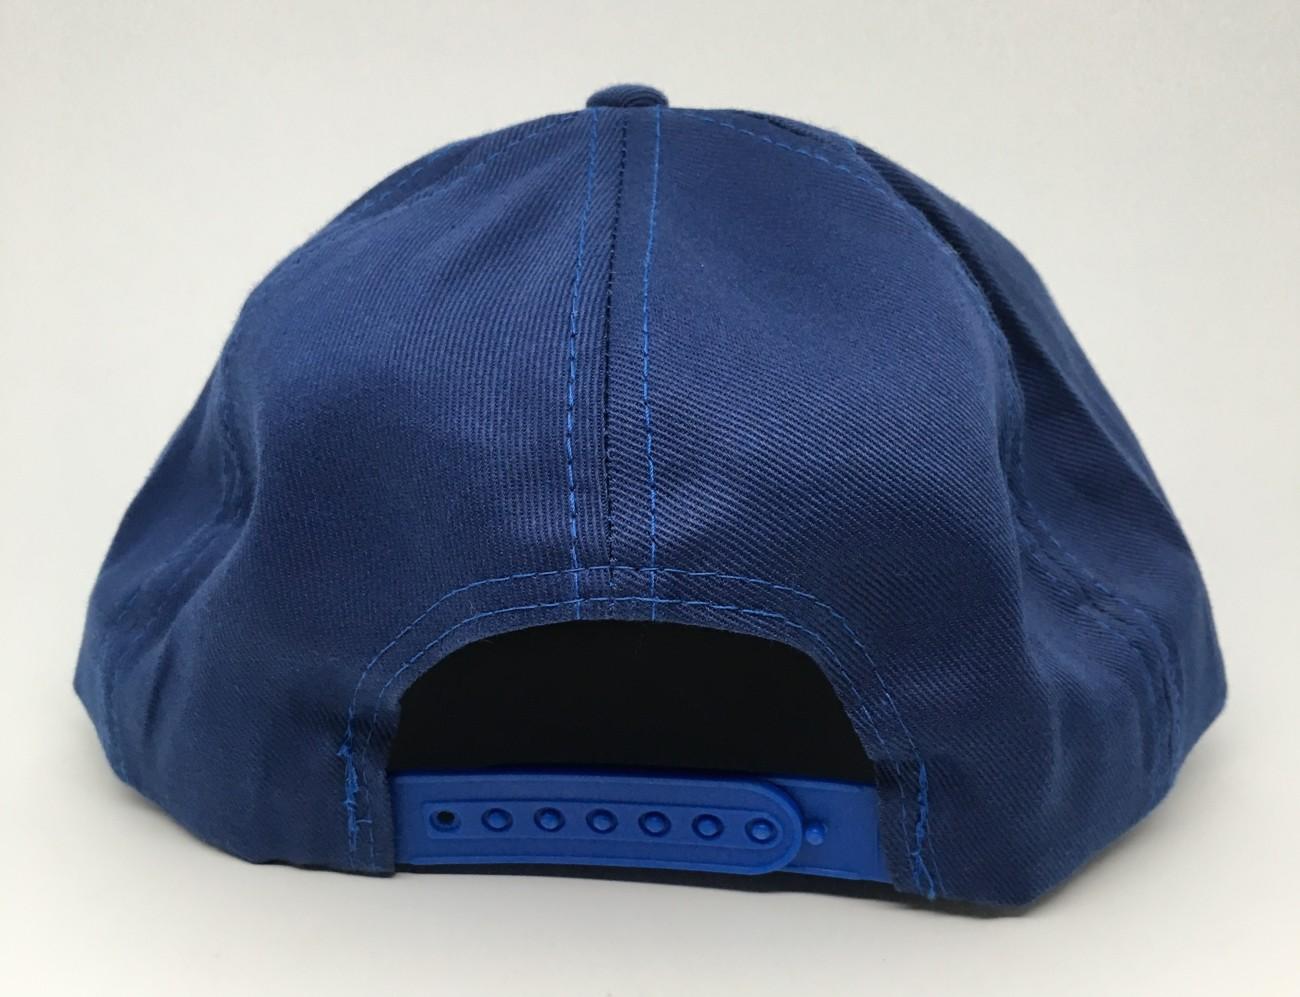 6b6040fbcda887 90's New Jersey Nets Deadstock Twins vintage NBA Snapback hat